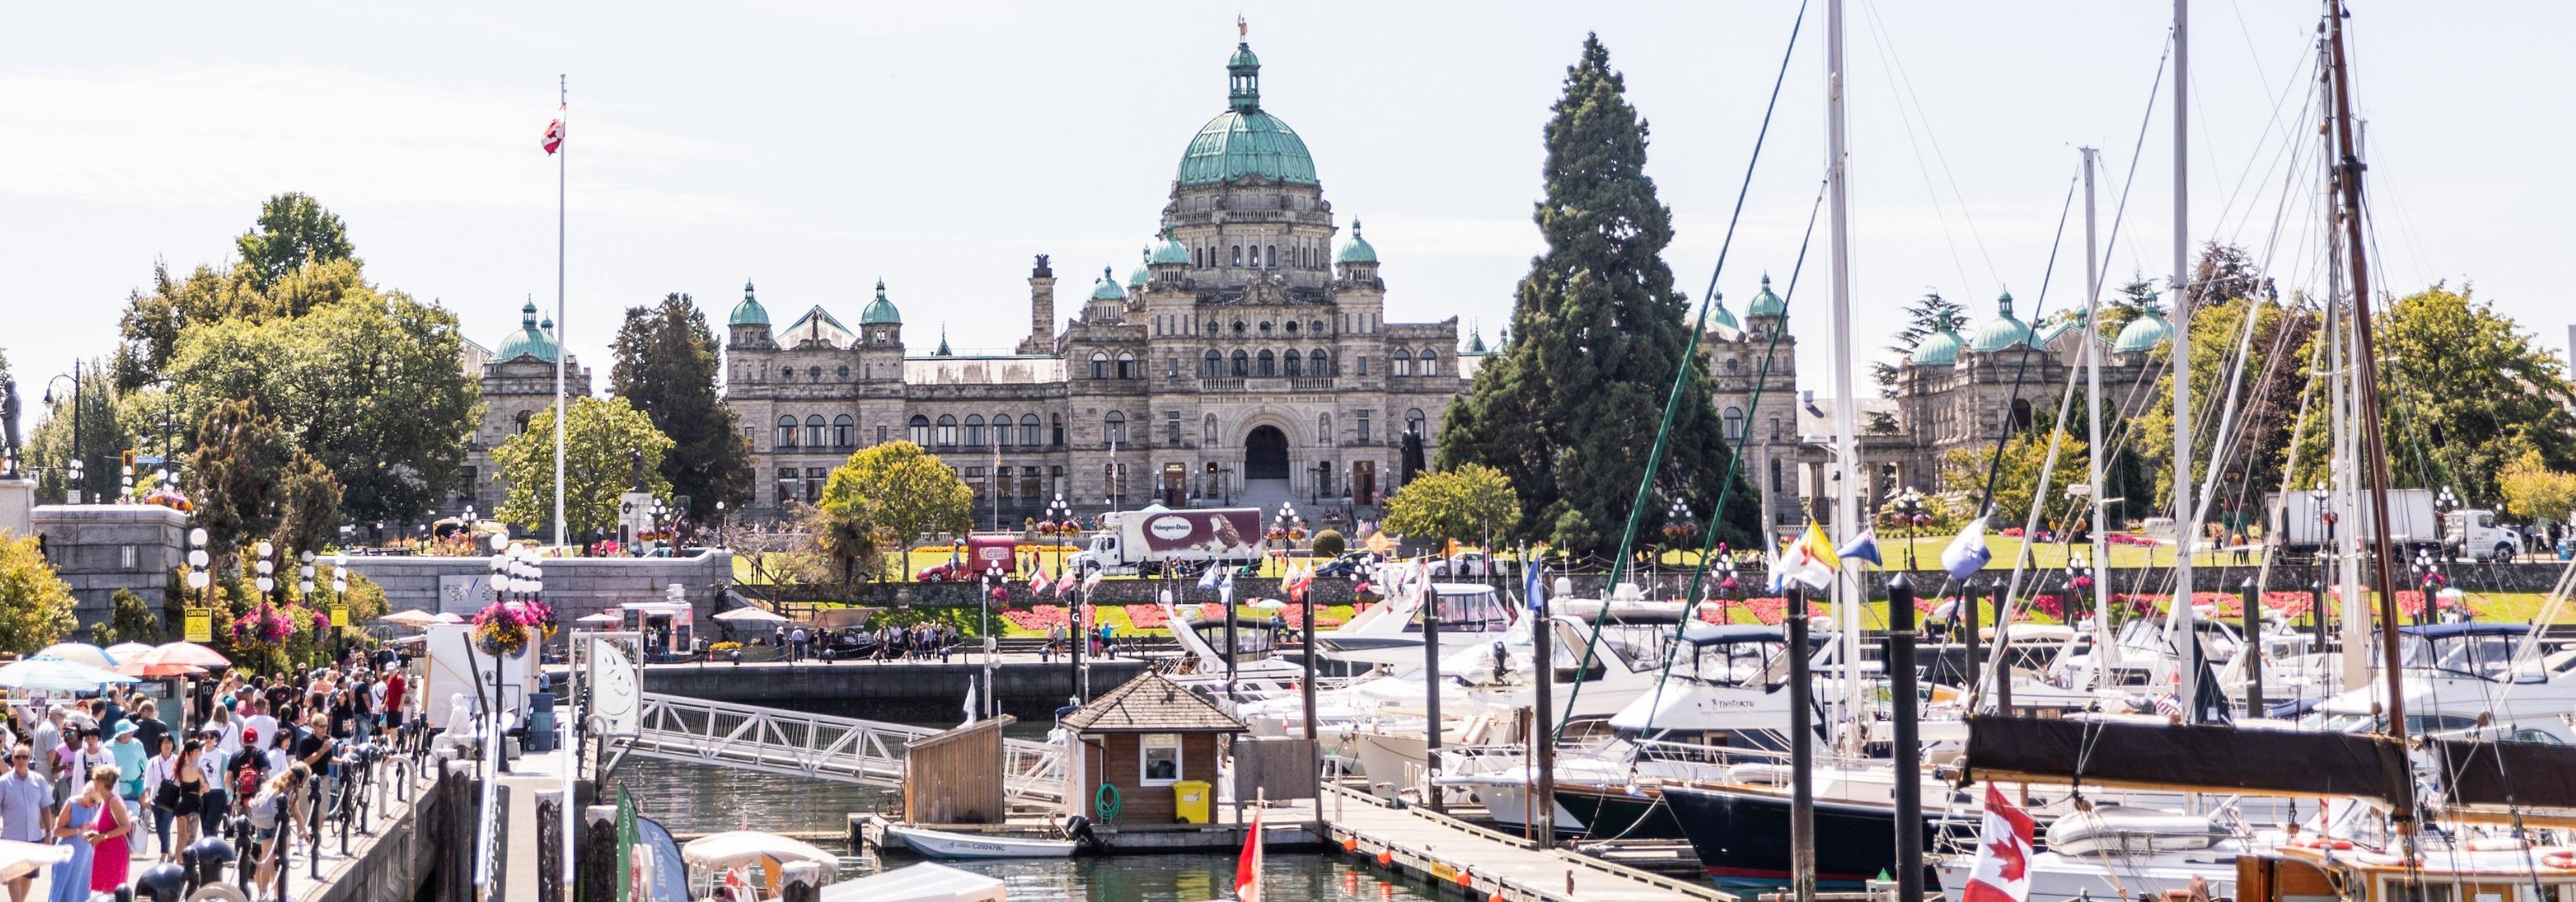 Aktivitäten in Victoria